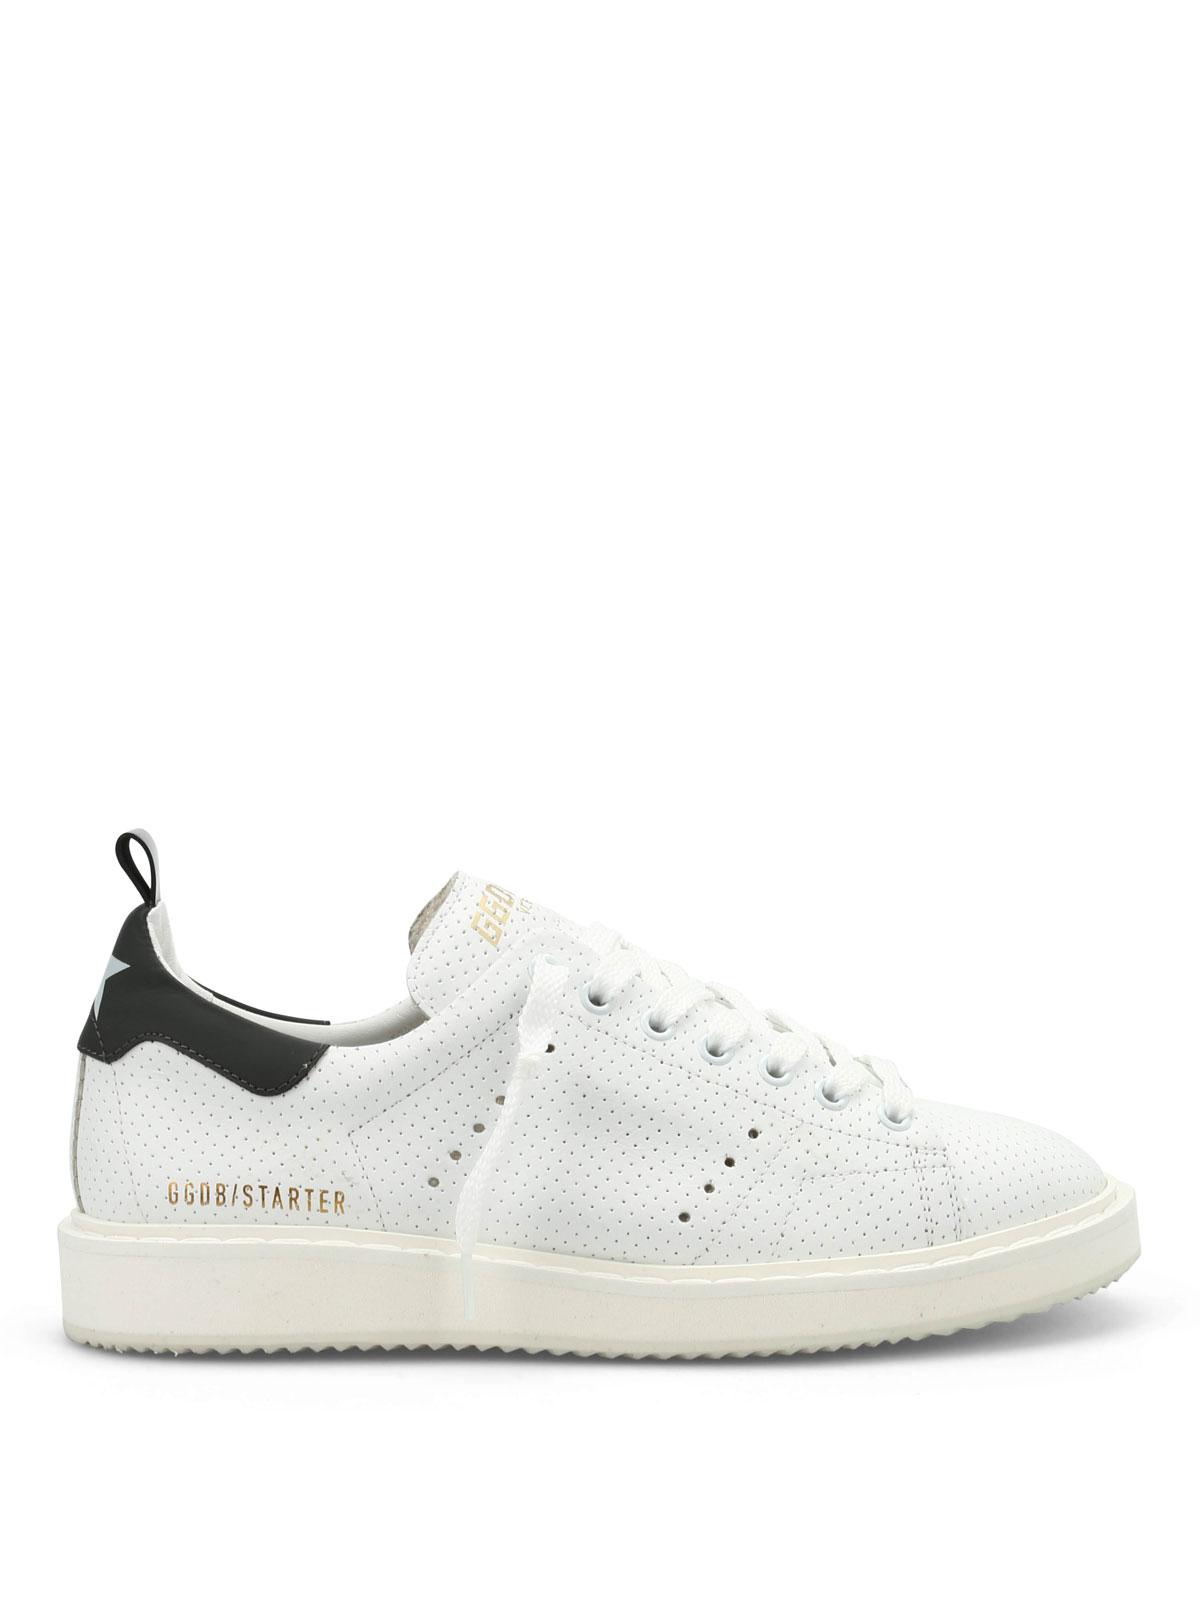 Sneaker Golden Pelle In Traforata Goose Starter Sneakers pFwq5vF